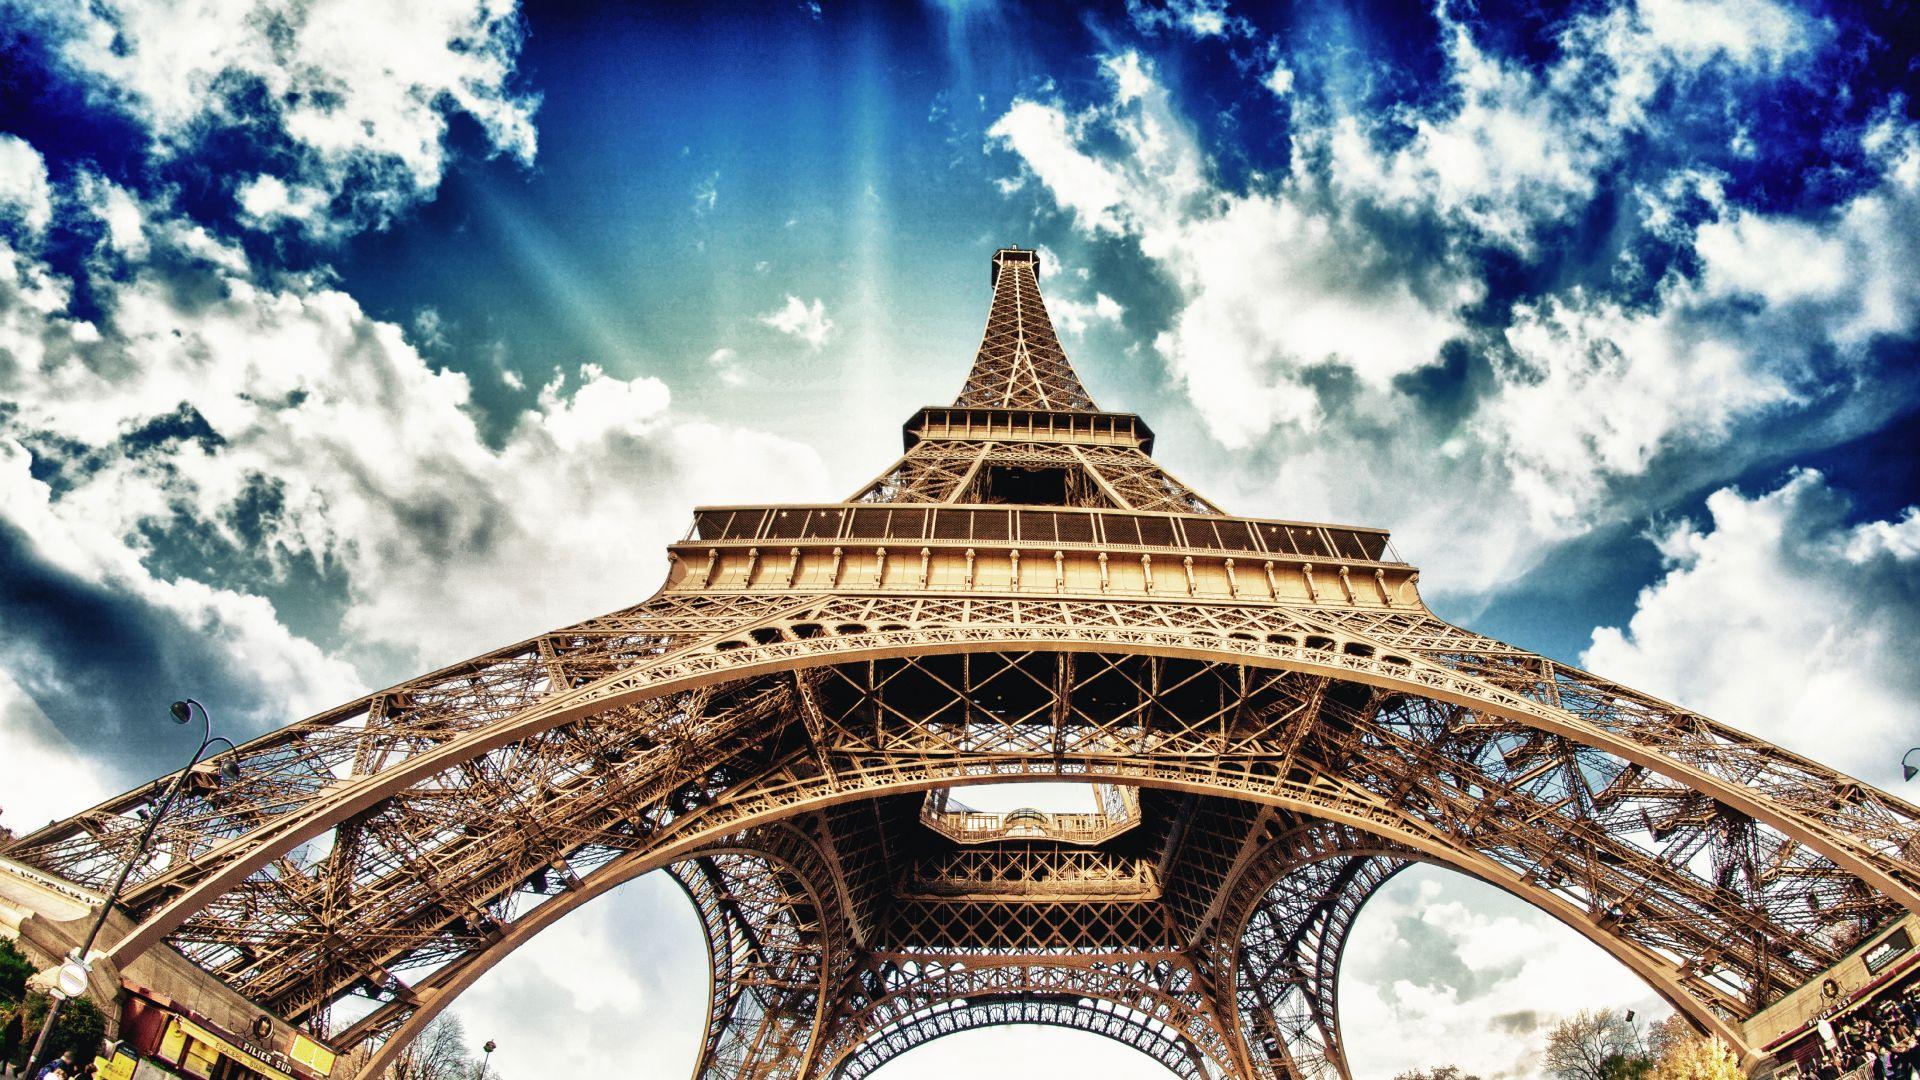 Wallpaper Eiffel Tower, architecture, clouds, Paris